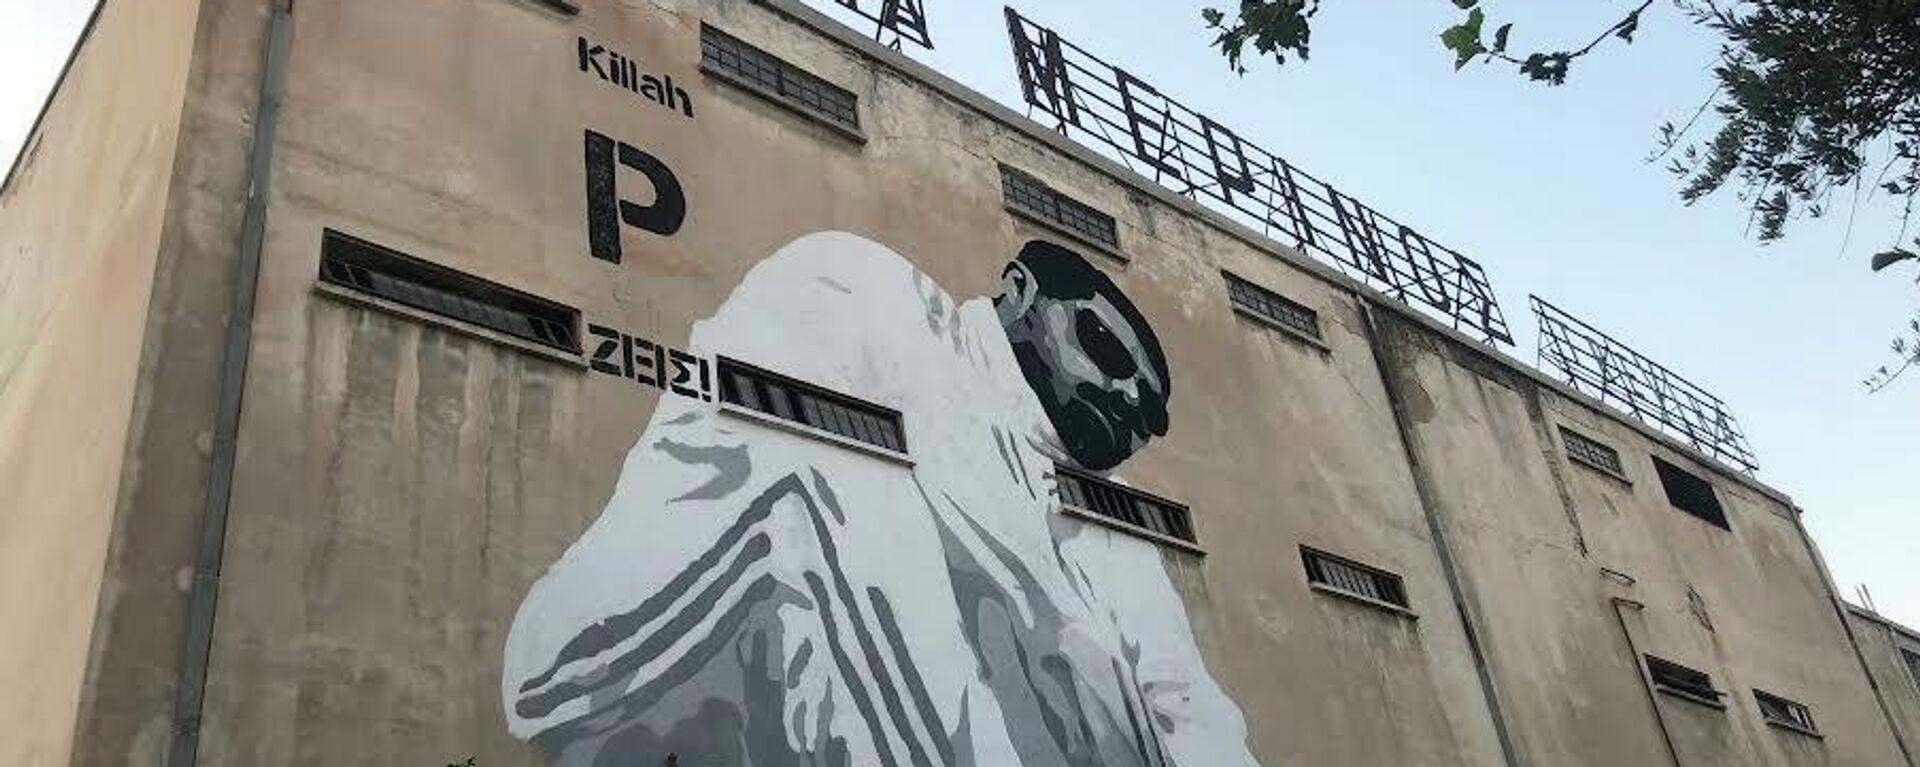 Η μορφή του Παύλου Φύσσα στο Εργοστάσιο Καχραμάνογλου, στο Κερατσίνι, όπου πραγματοποιήθηκαν οι εκδηλώσεις του αντιφασιστικού Σεπτέμβρη, στη μνήμη του δολοφονημένου ράπερ. - Sputnik Ελλάδα, 1920, 18.09.2021